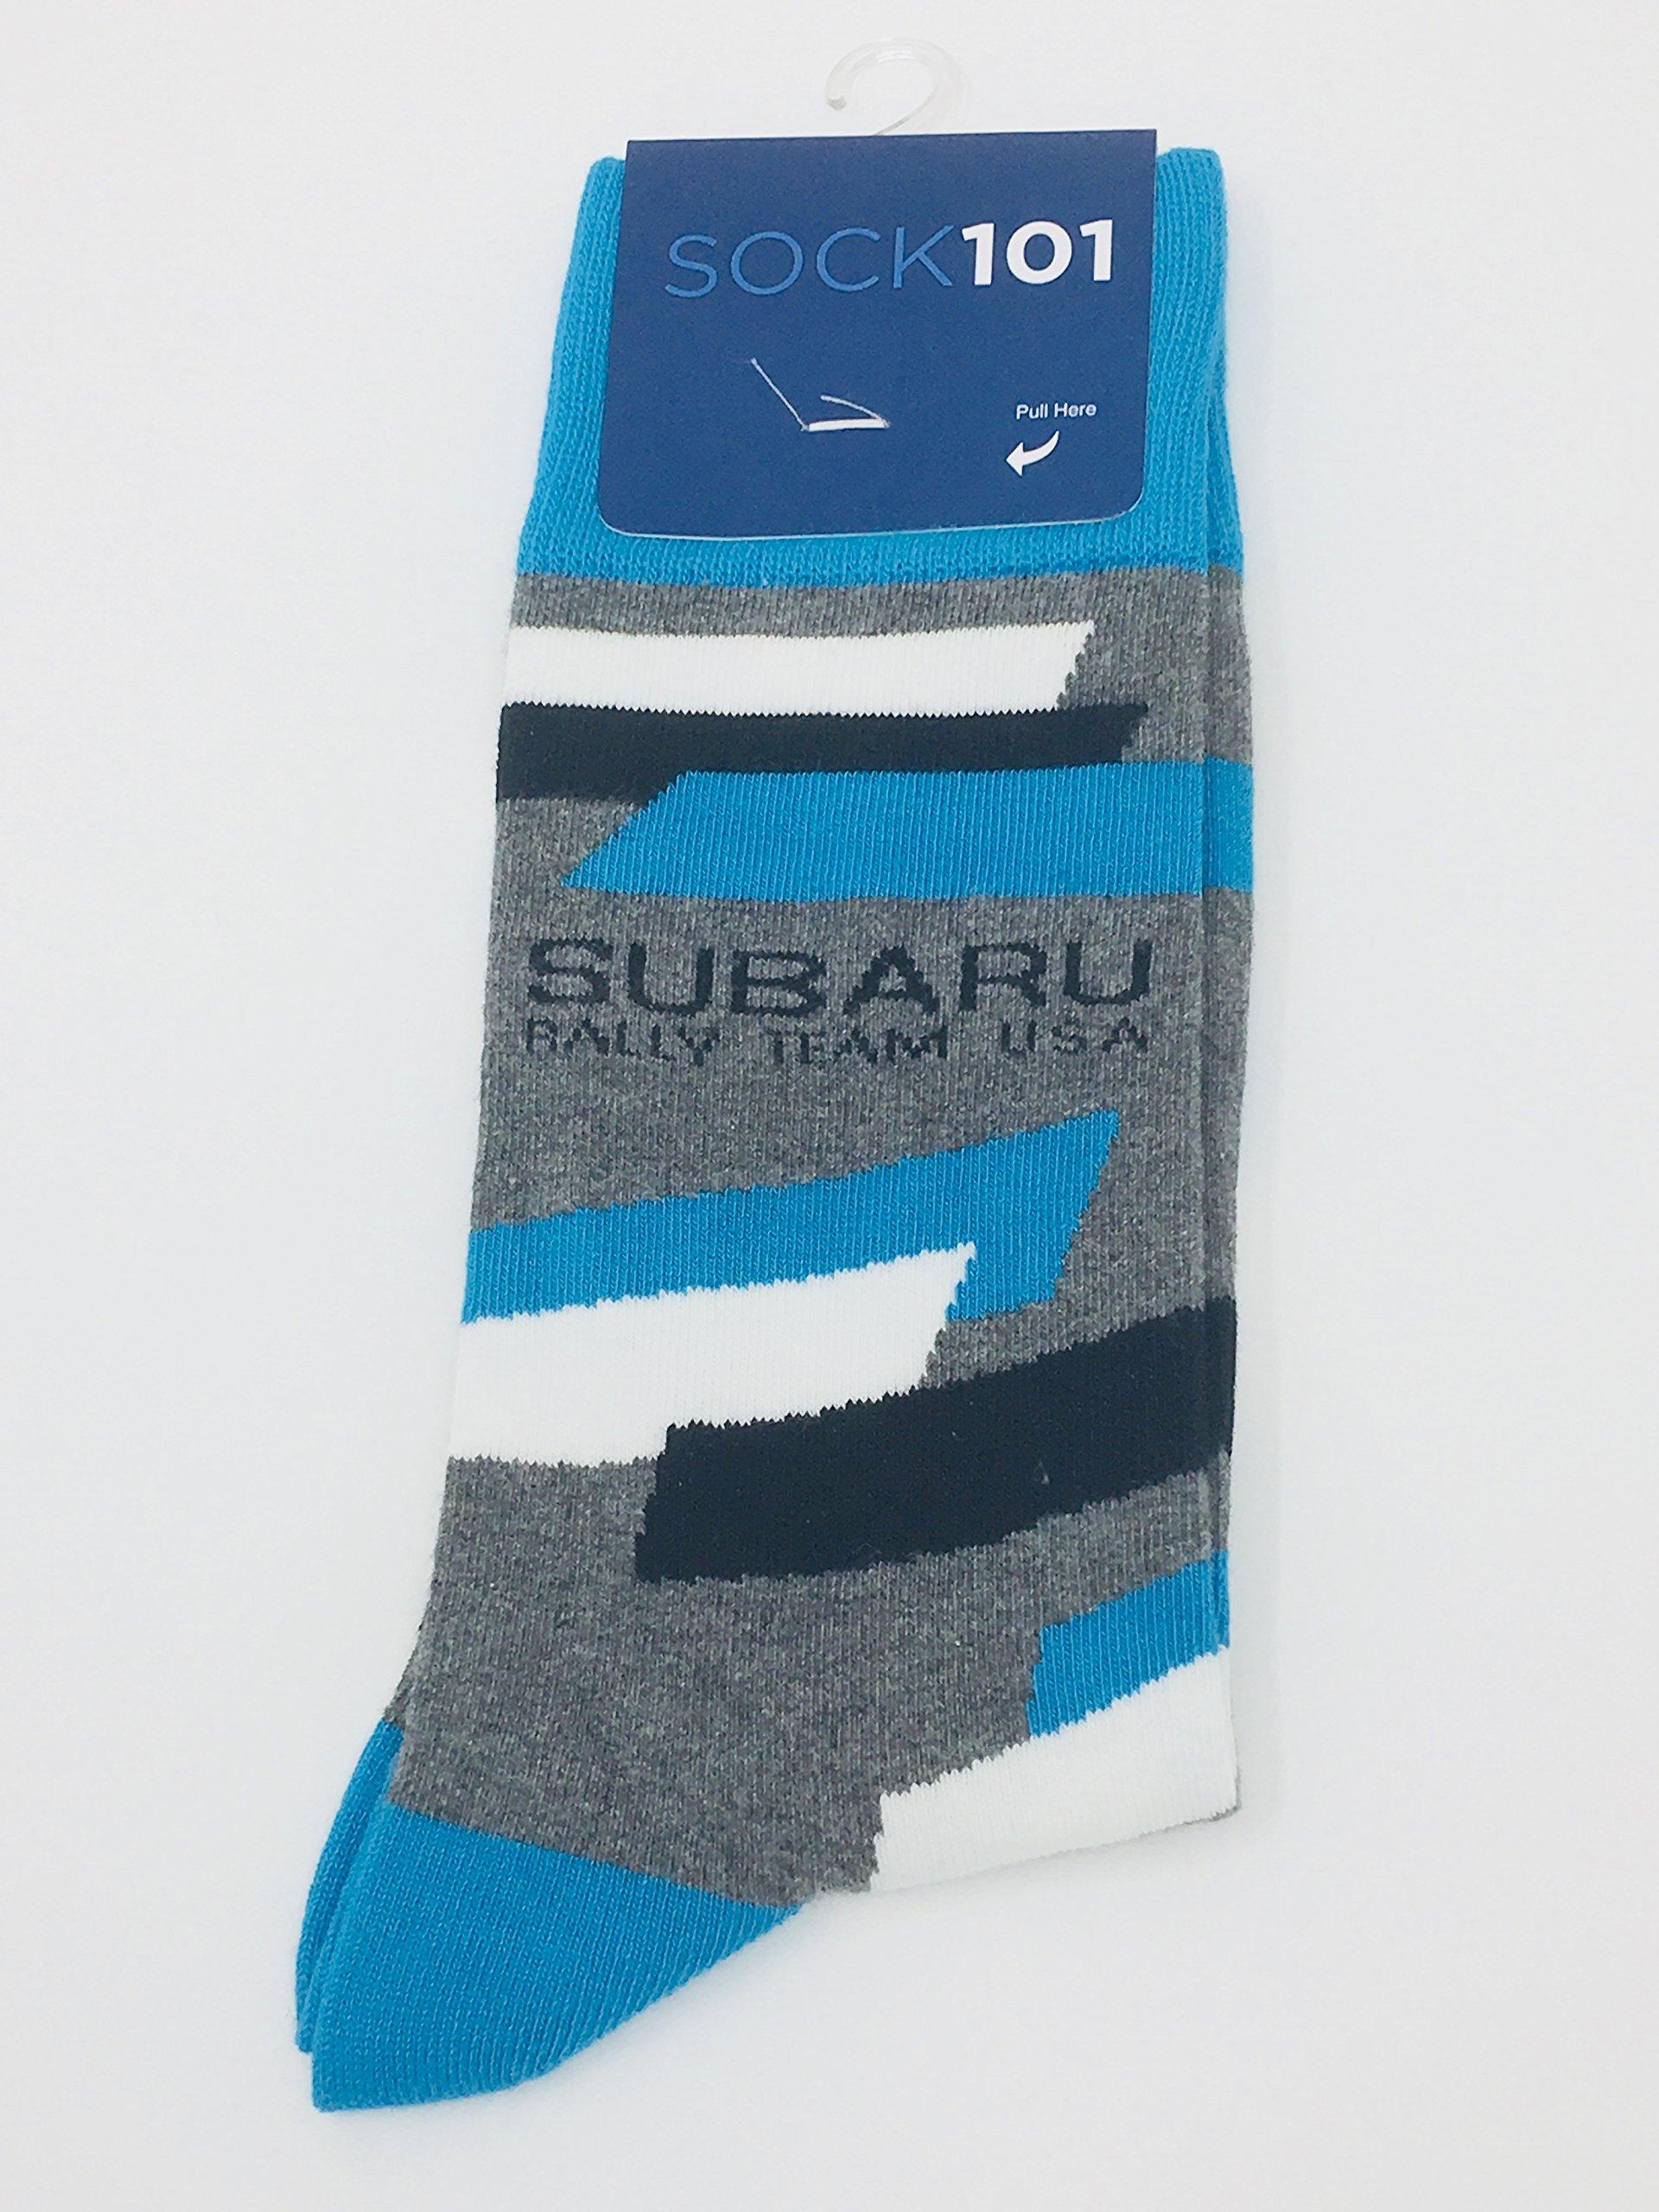 Subaru Genuine Socks Rally Team USA Logo Sti WRX Impreza Official Blue Cotton